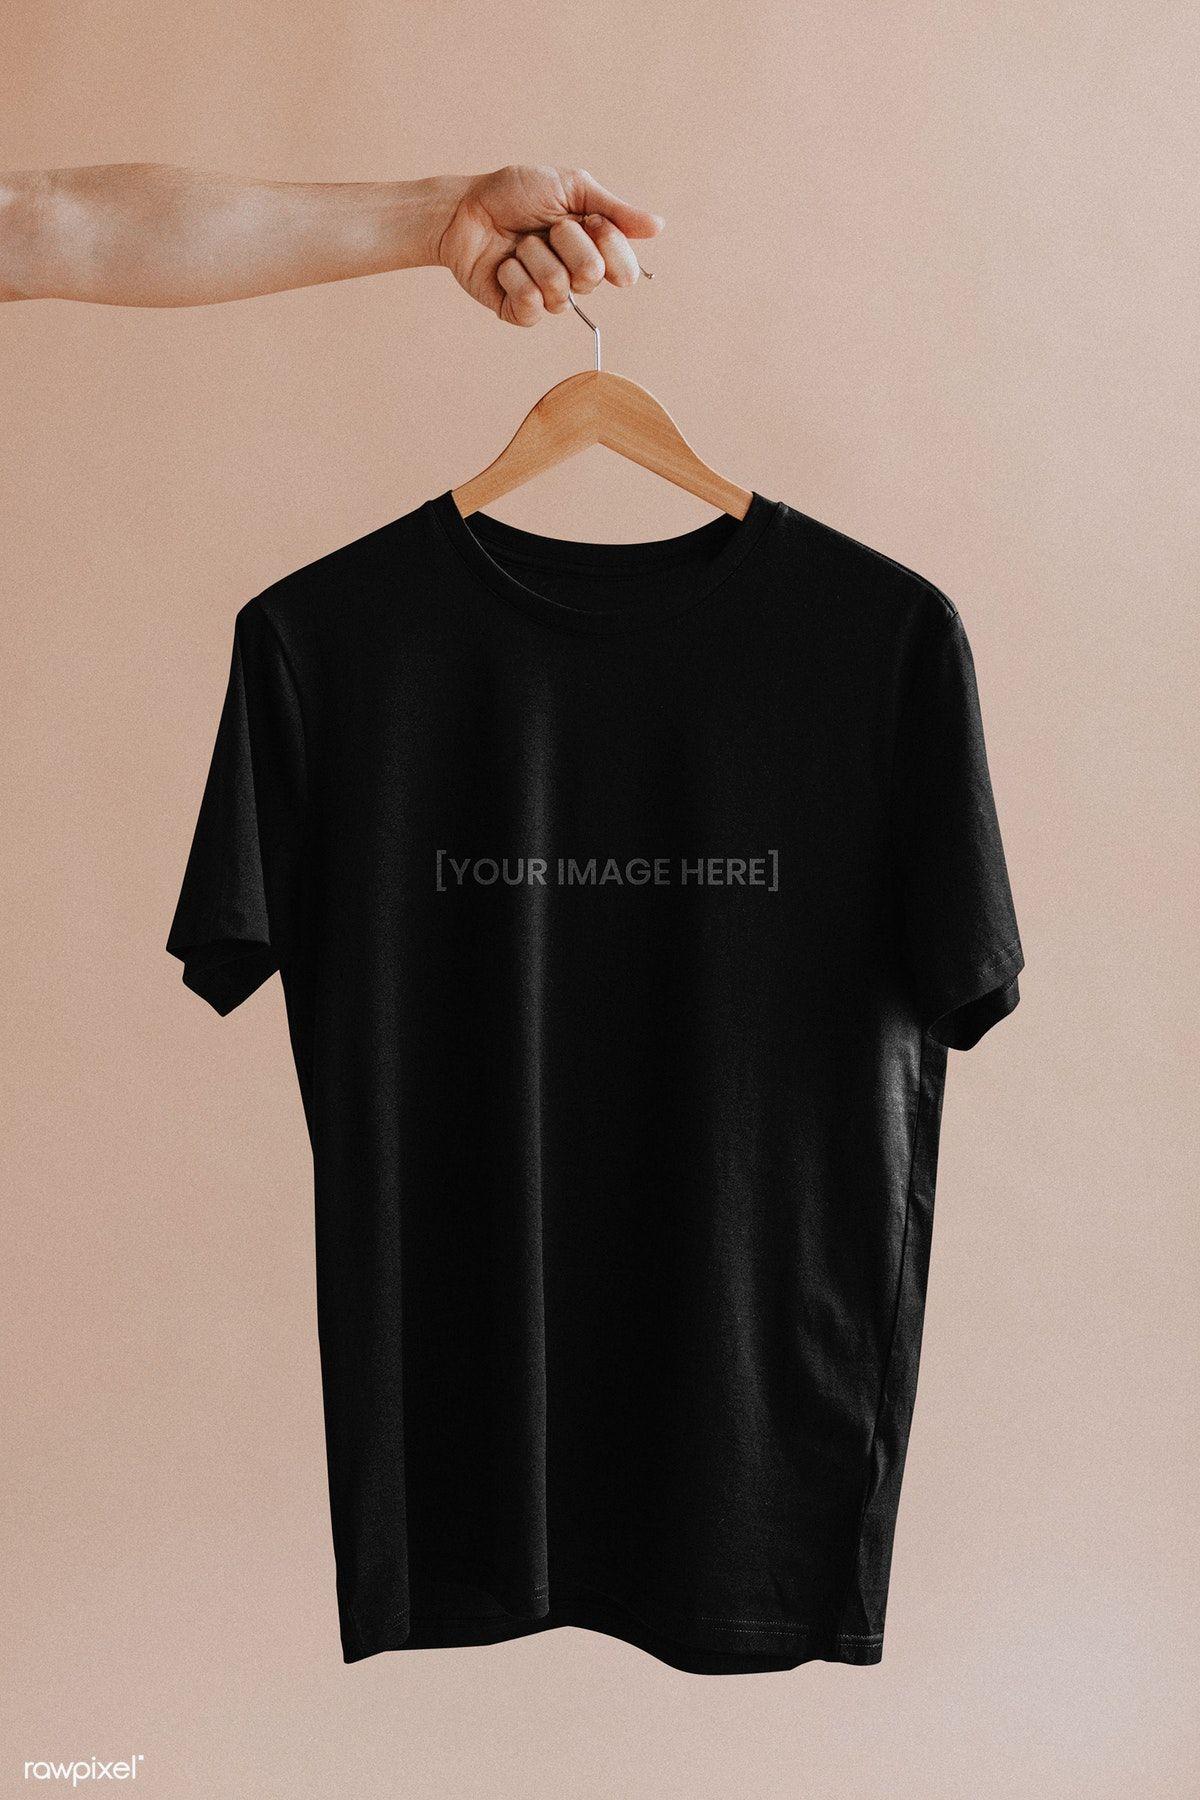 Download Download Premium Psd Of Shirt In A Hanger Mockup 1216446 Kasual Kaos Model Pakaian